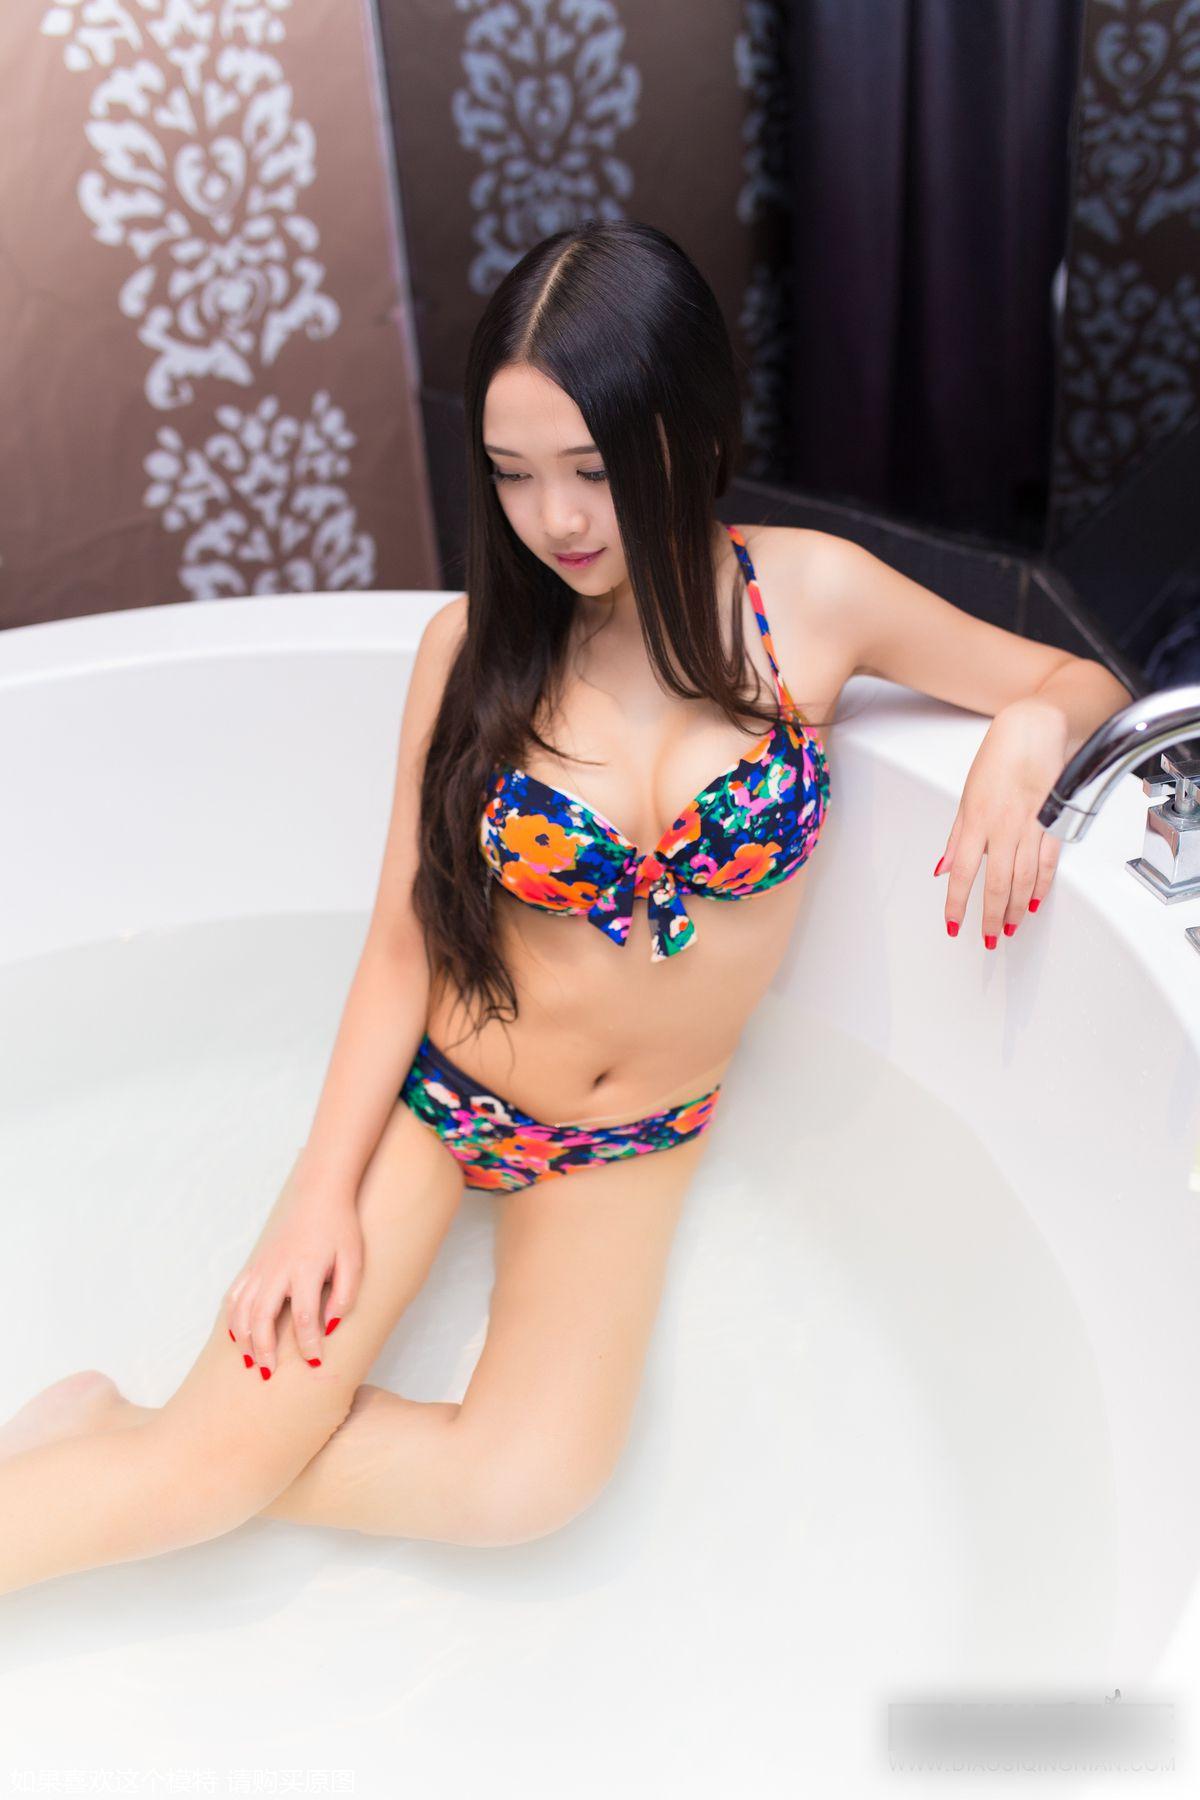 [推女神/尤蜜荟] 二萌 ~ 美人如画,自难忘![80P]